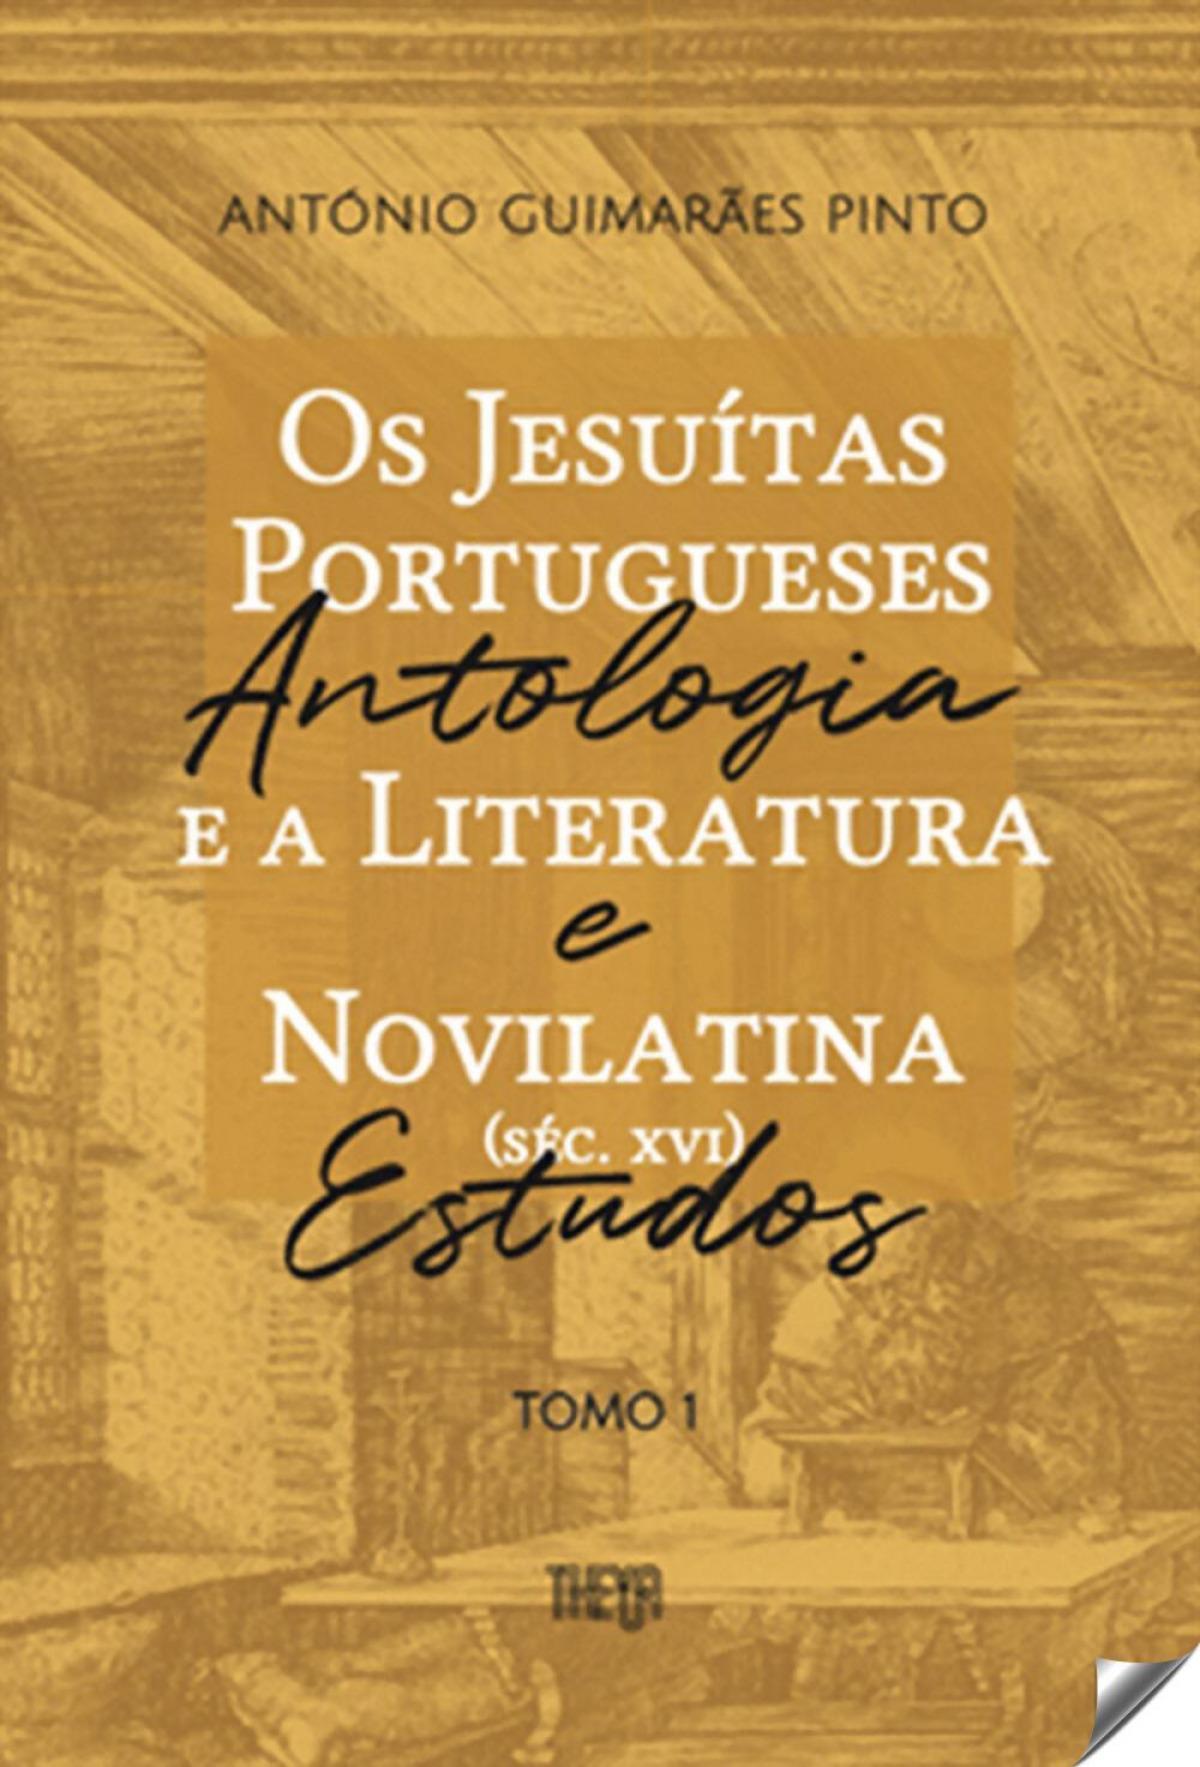 Jesuítas portugueses literatura novilatina séc.XVI